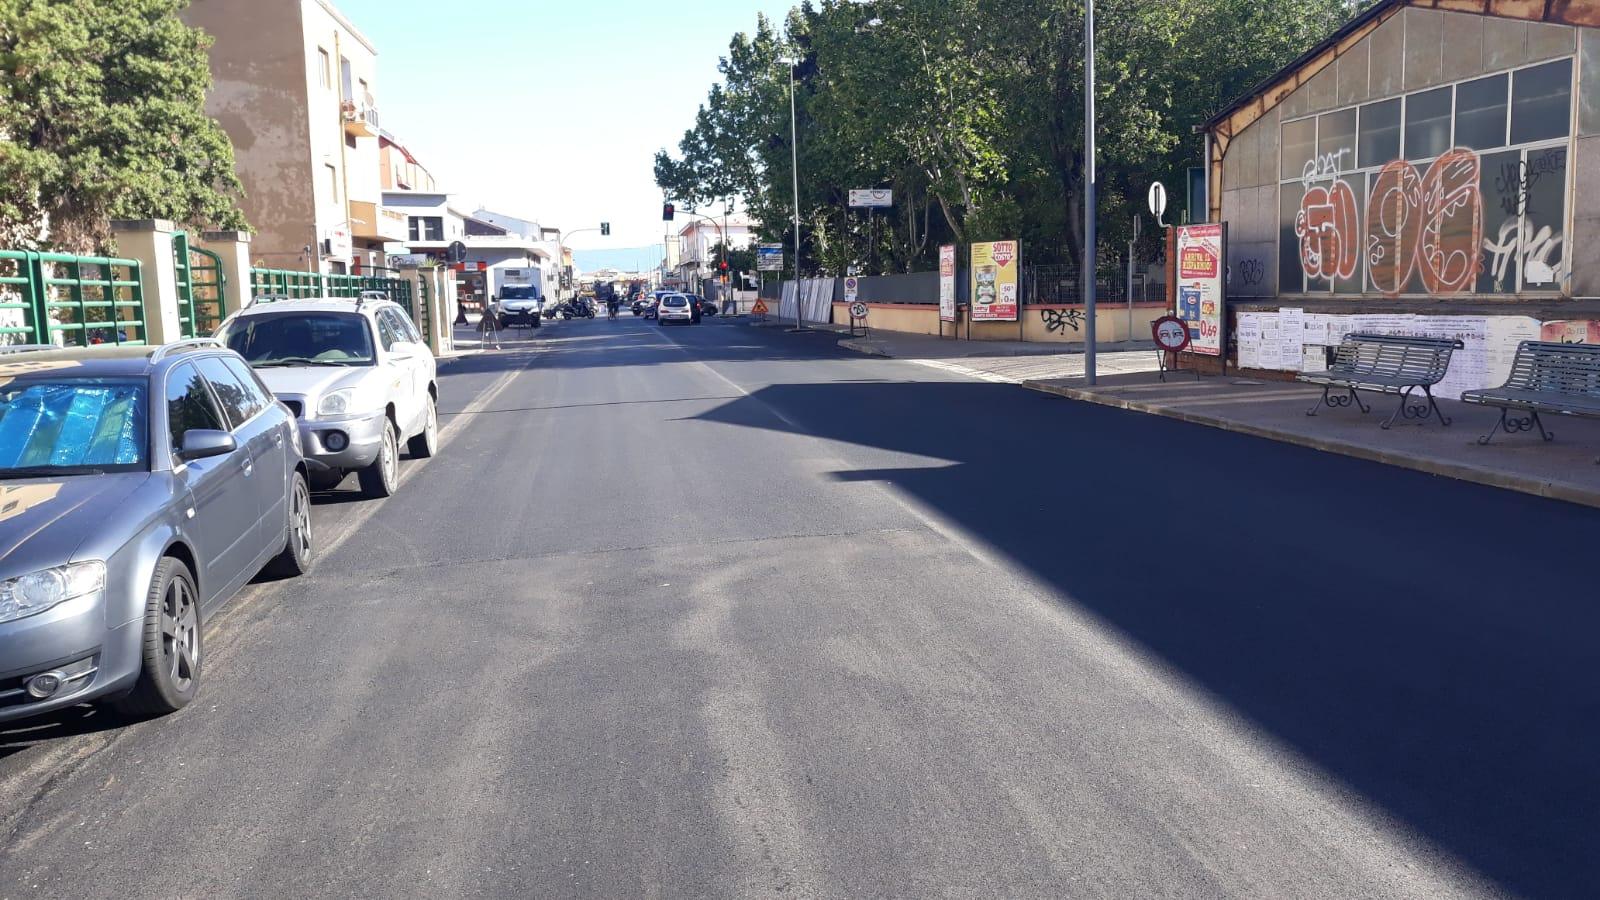 Via cagliari asfaltata a Oristano. Al via nella città di Oristano e nelle frazioni un progetto da 500 mila euro per la manutenzione straordinaria e la messa in sicurezza delle strade urbane.